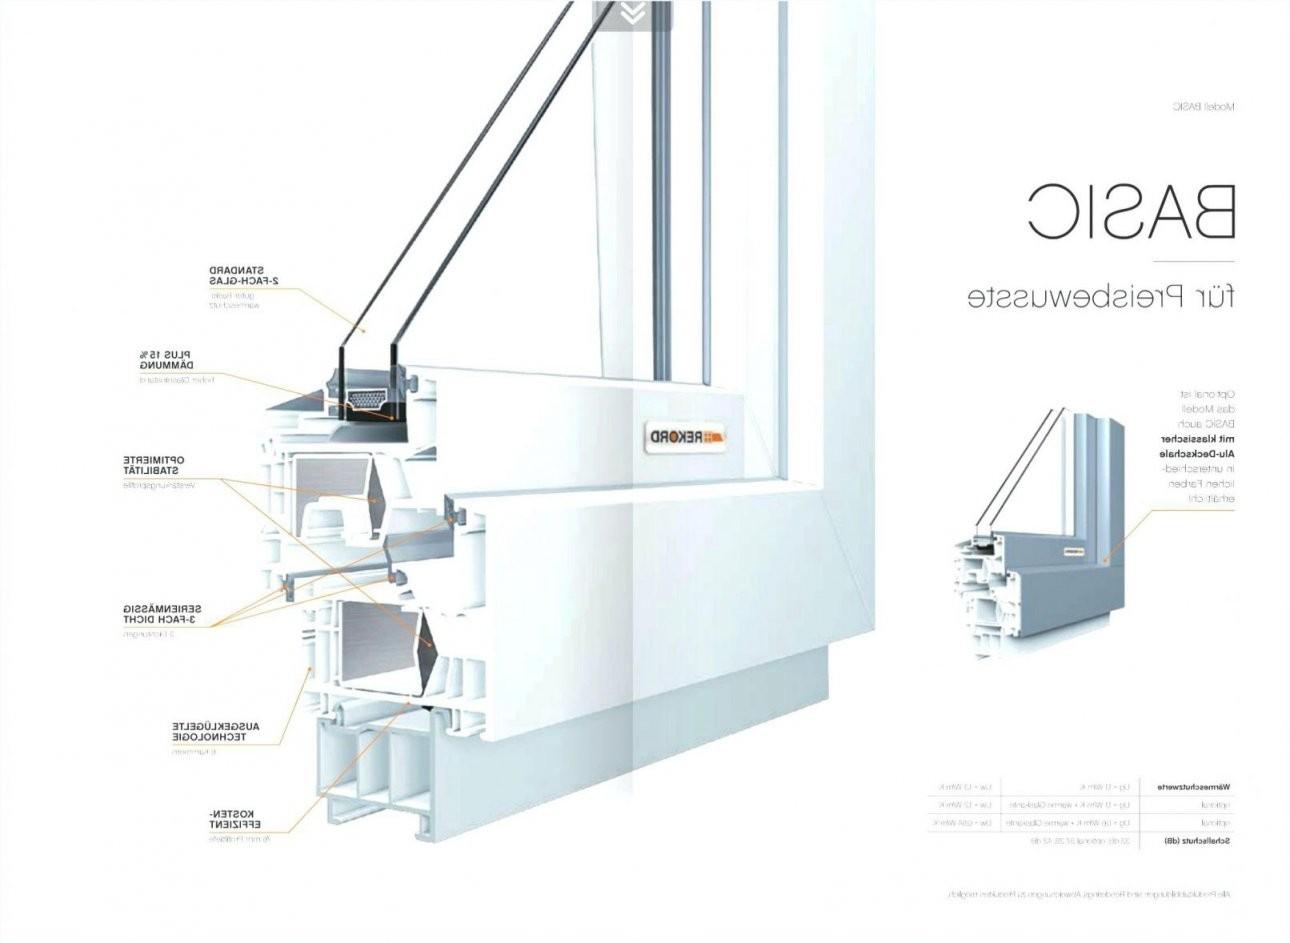 3 Fach Verglaste Fenster Schallschutz At Haus Design Information Ideas von 3 Fach Verglaste Fenster Nachteile Bild